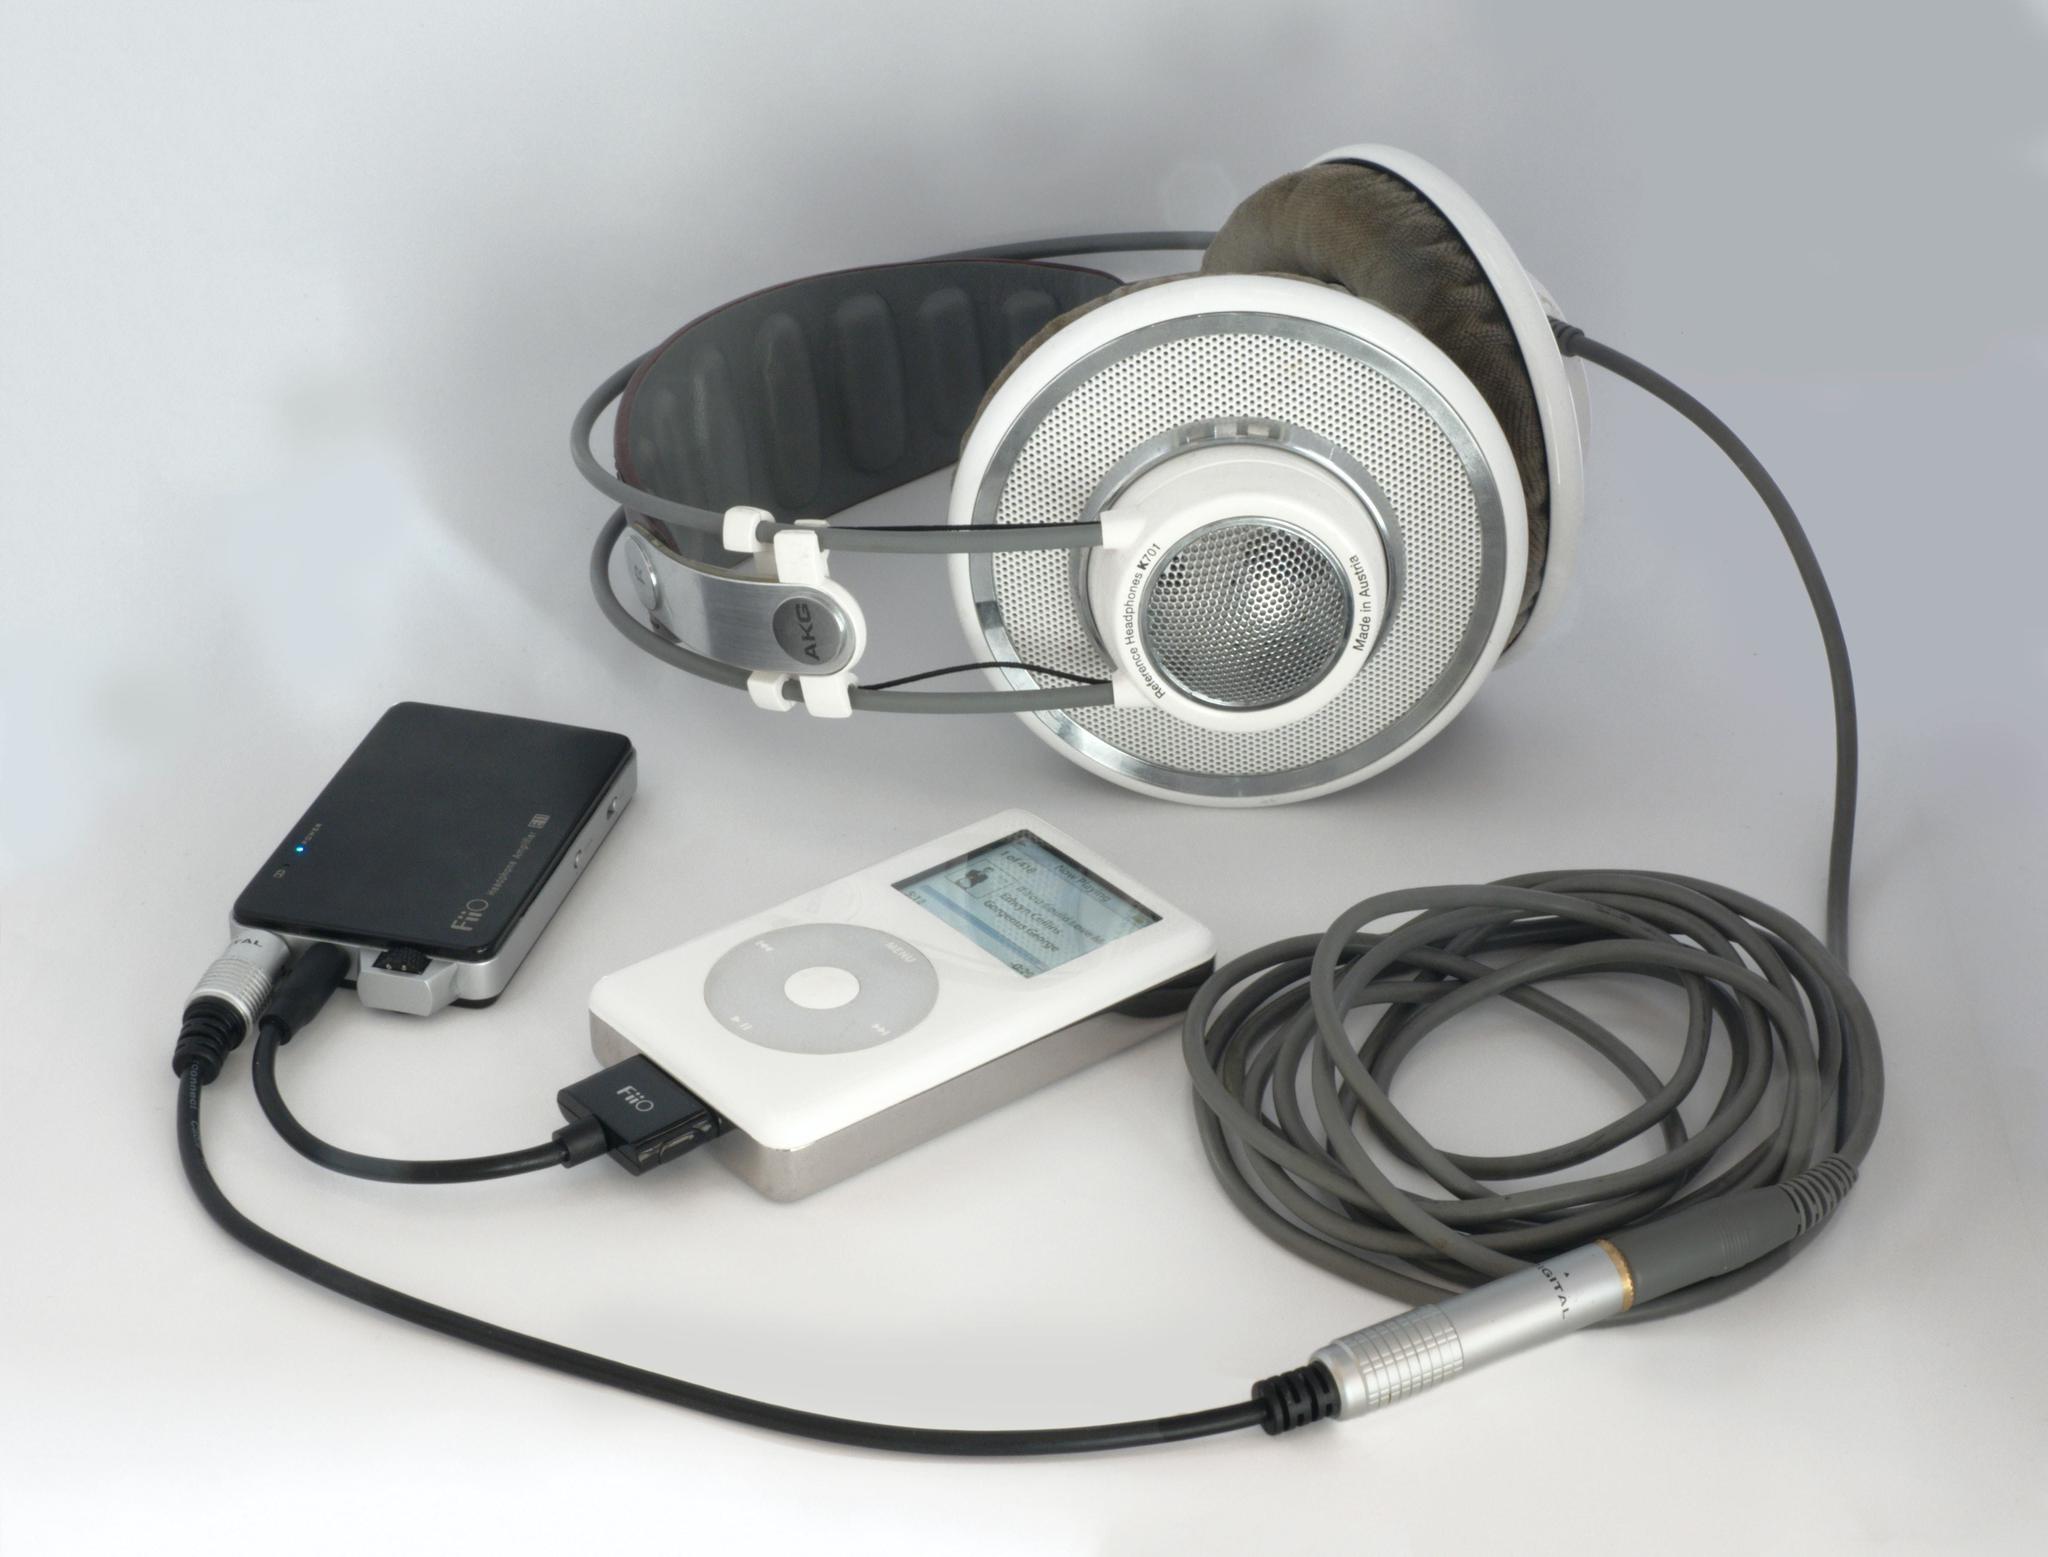 早期音乐发烧友会在 iPod 上外接一个音频放大器,驱动那些高阻抗的 Hi-Fi 耳机。|Unsplash